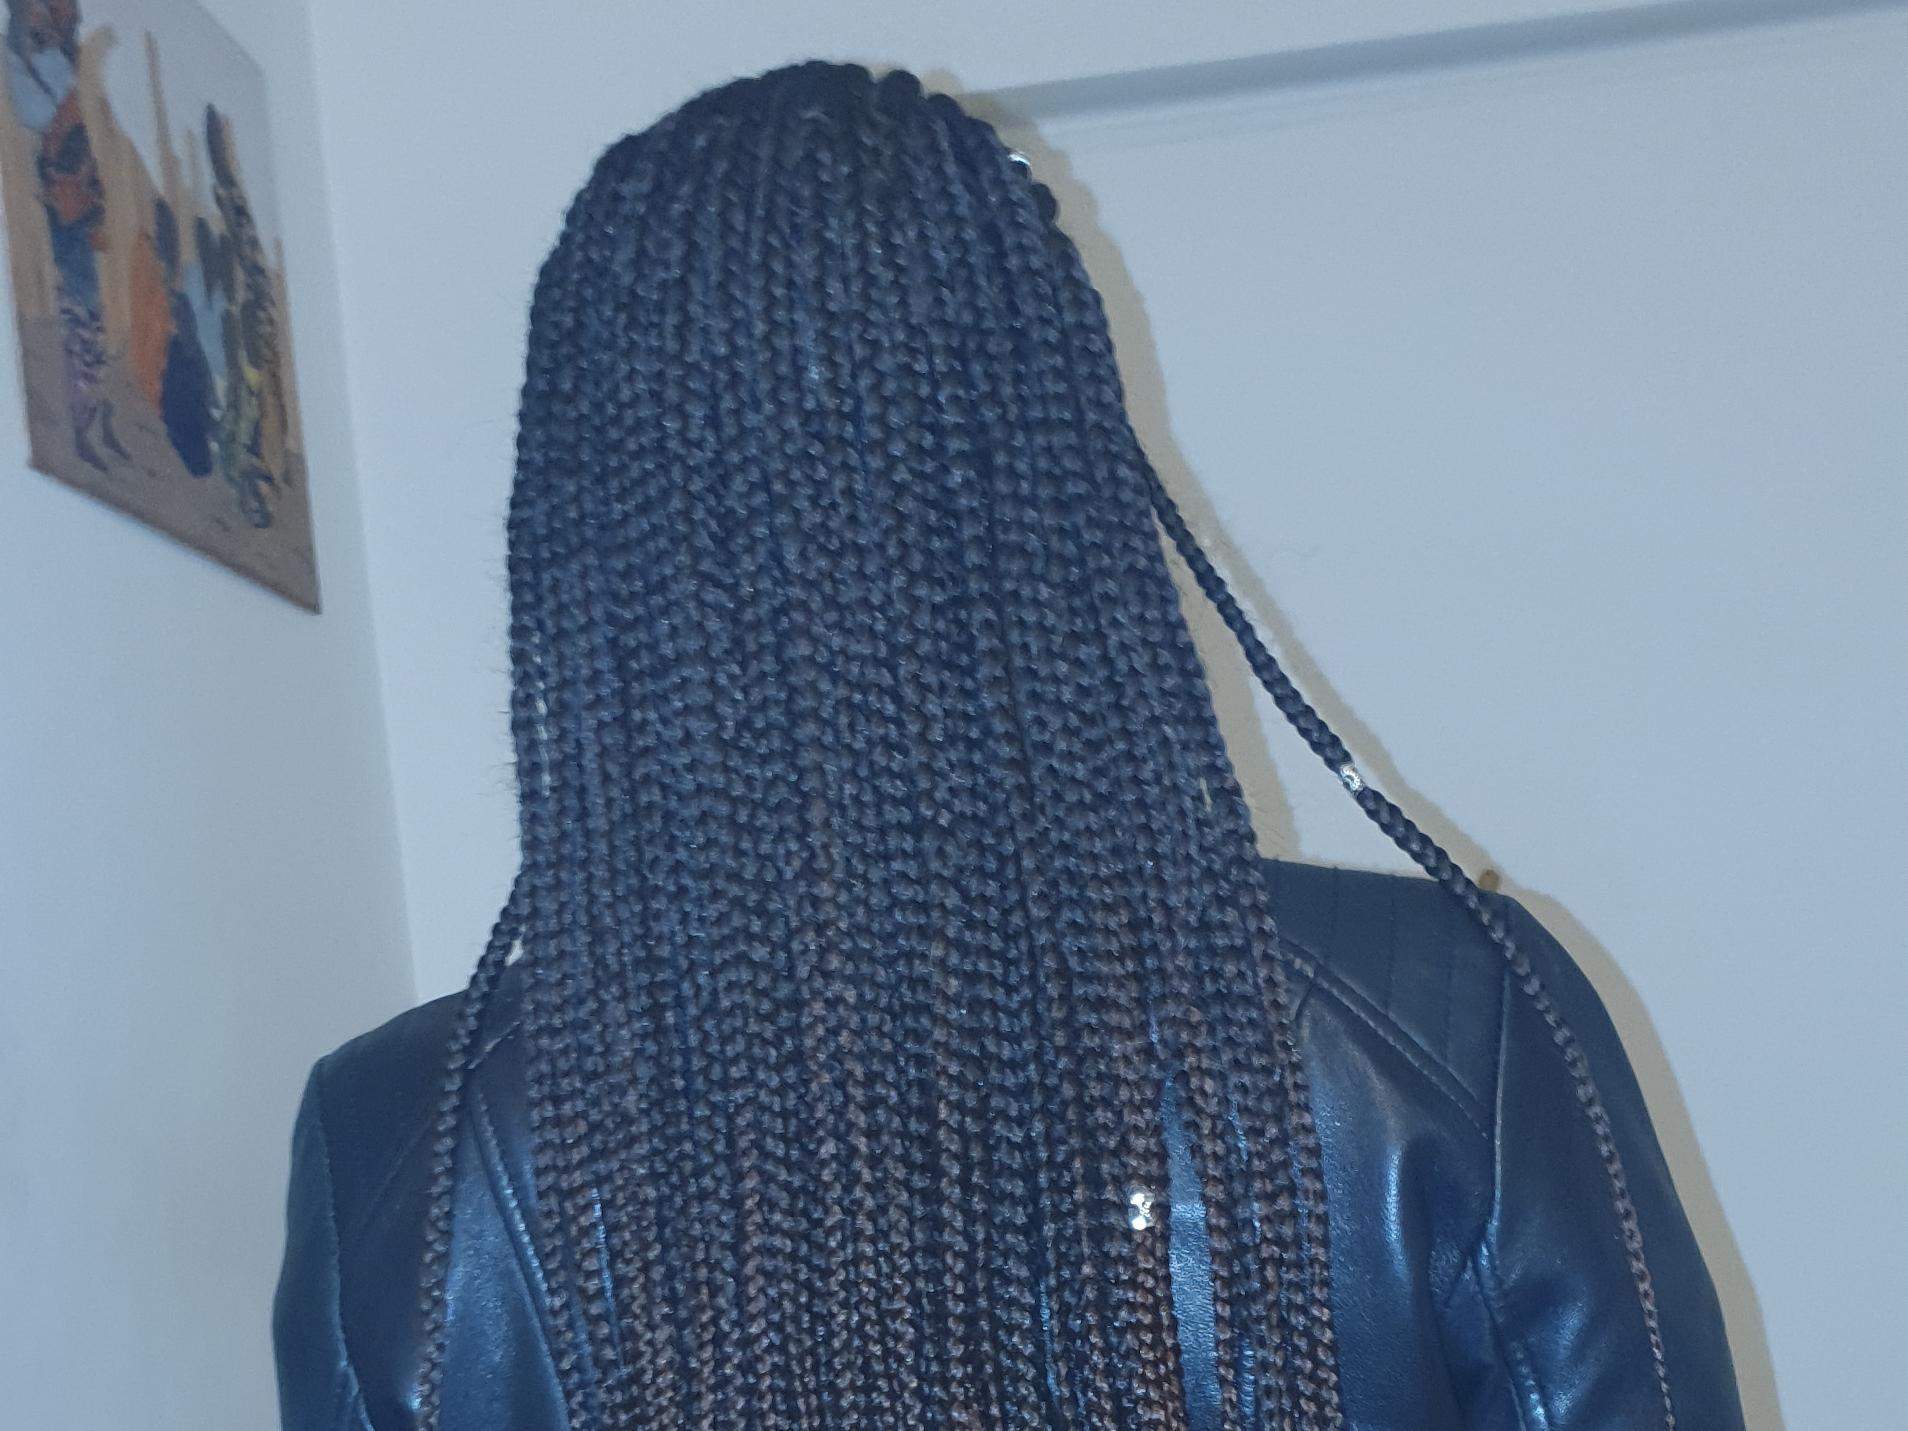 salon de coiffure afro tresse tresses box braids crochet braids vanilles tissages paris 75 77 78 91 92 93 94 95 HKABZIAM